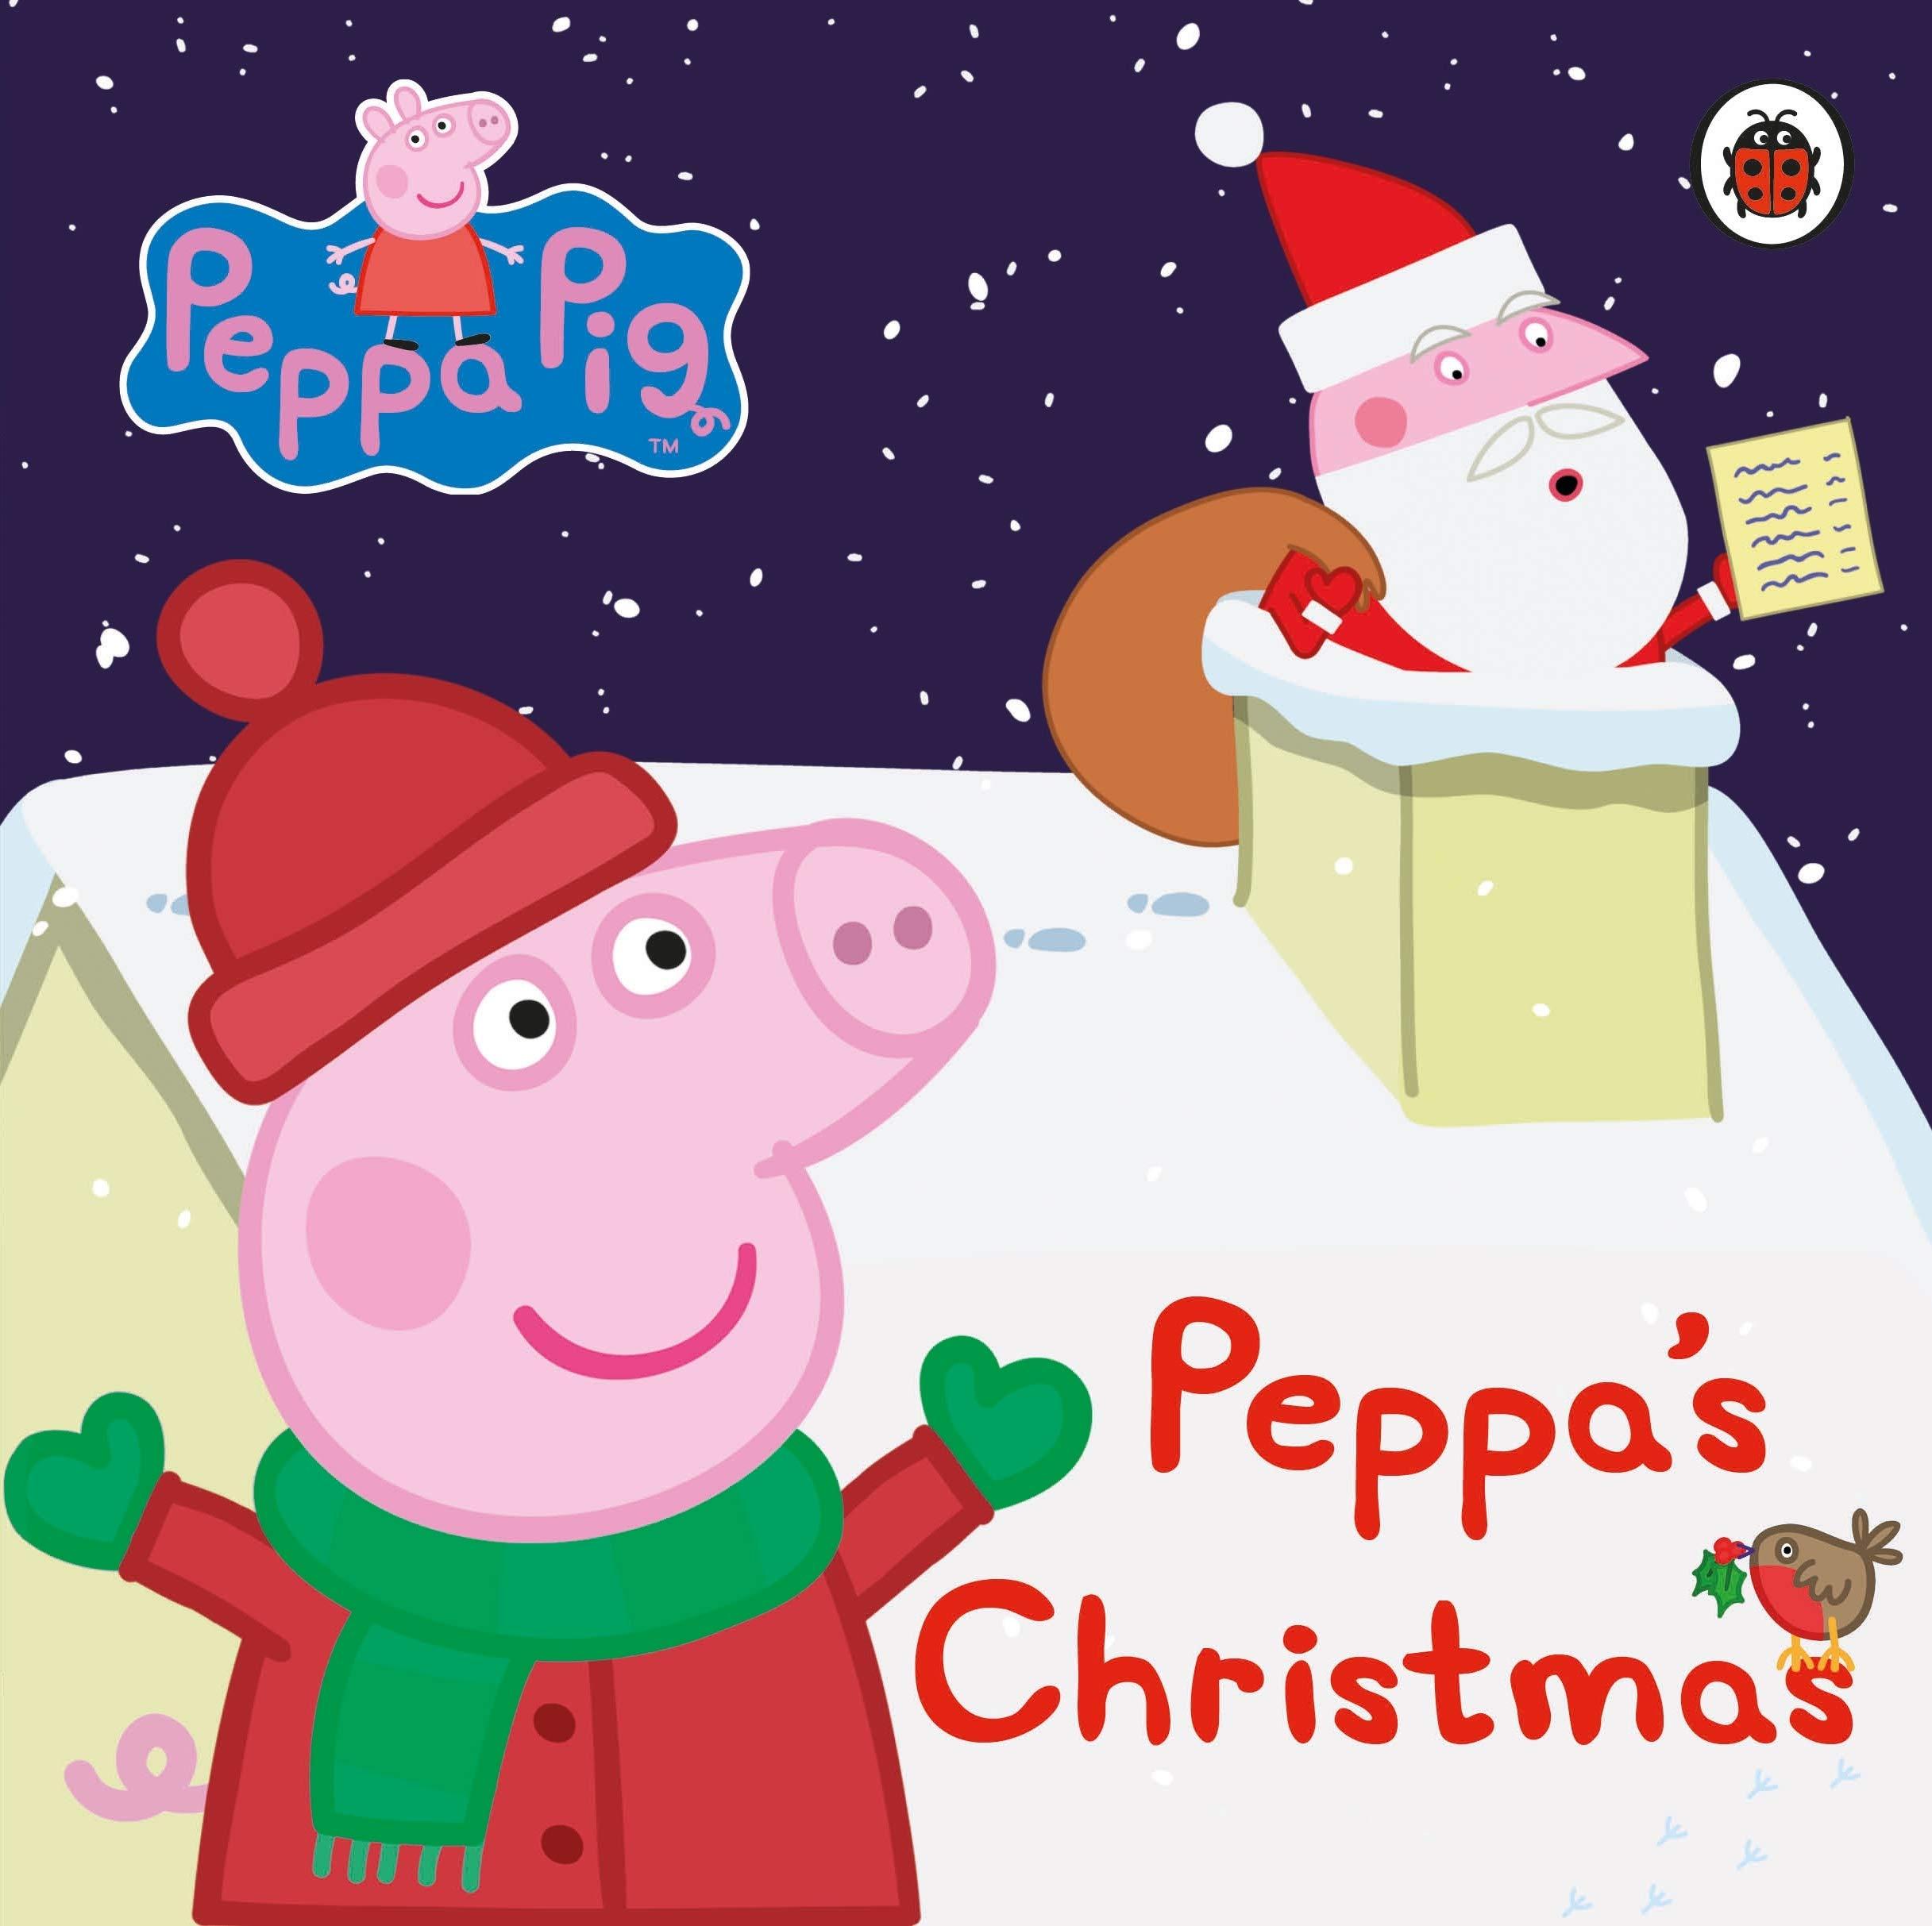 Peppa Pig Christmas.Peppa Pig Peppa S Christmas Amazon Co Uk Peppa Pig